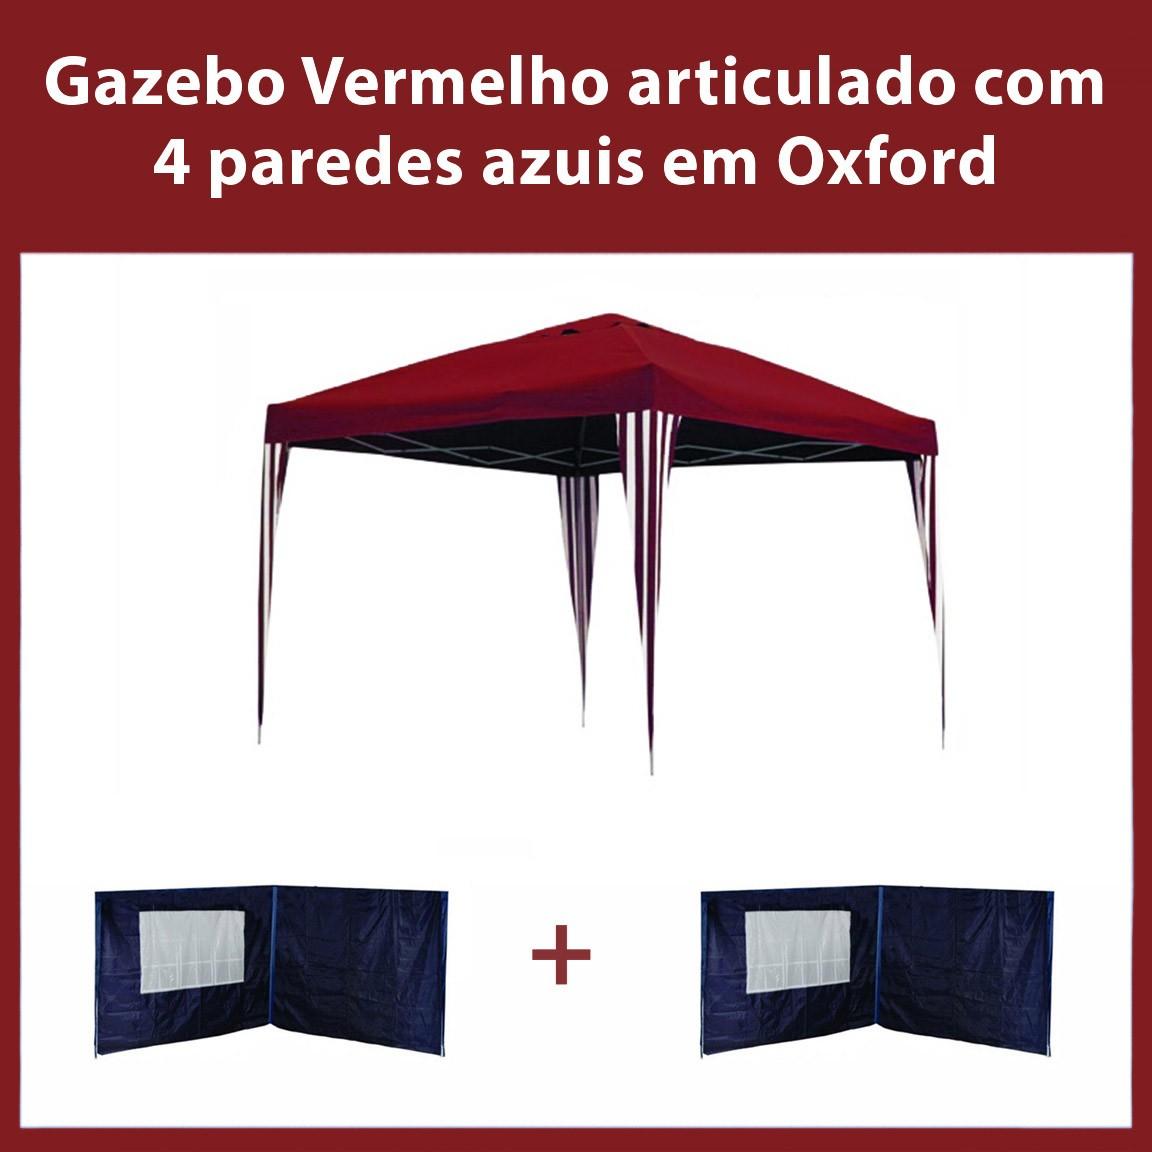 Gazebo 3x3 Articulado Vermelho em Aço + 4 Paredes Azuis de Oxford Eleva Mundi